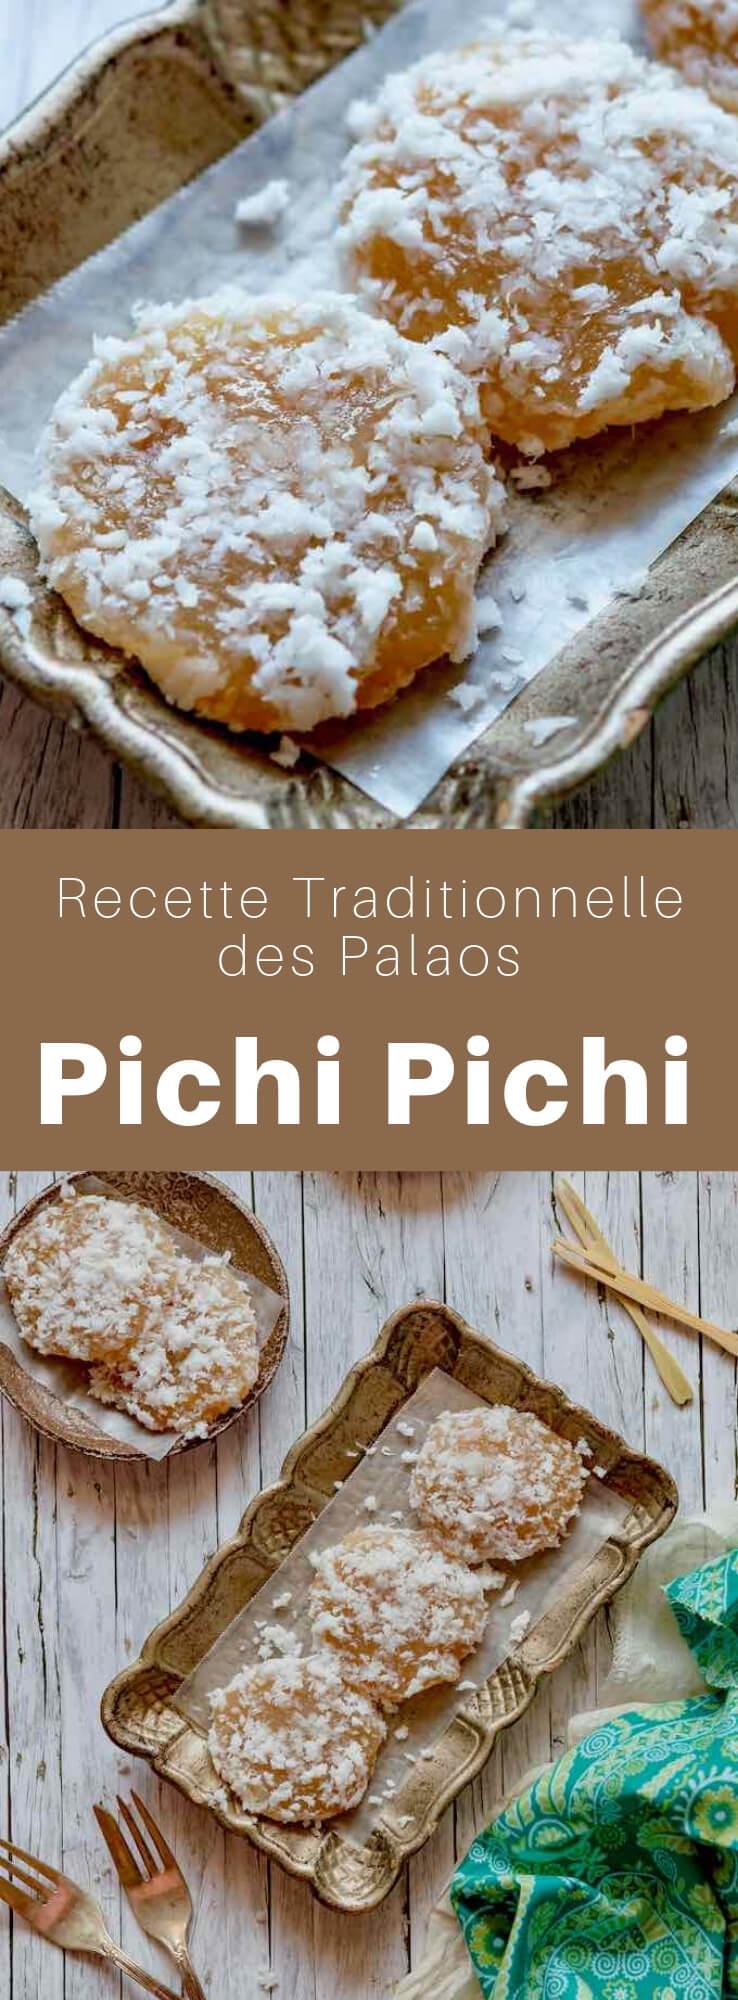 Le pichi pichi est un dessert gélatineux cuit à la vapeur composé de manioc et de sucre traditionnel aux îles Philippines et Palaos. #CuisinePhilippine #CuisinePalauan #RecettePhilippine #RecettePalauan #PacifiqueSud #Oceanie #RecetteOceanienne #CuisineDuMonde #196flavors